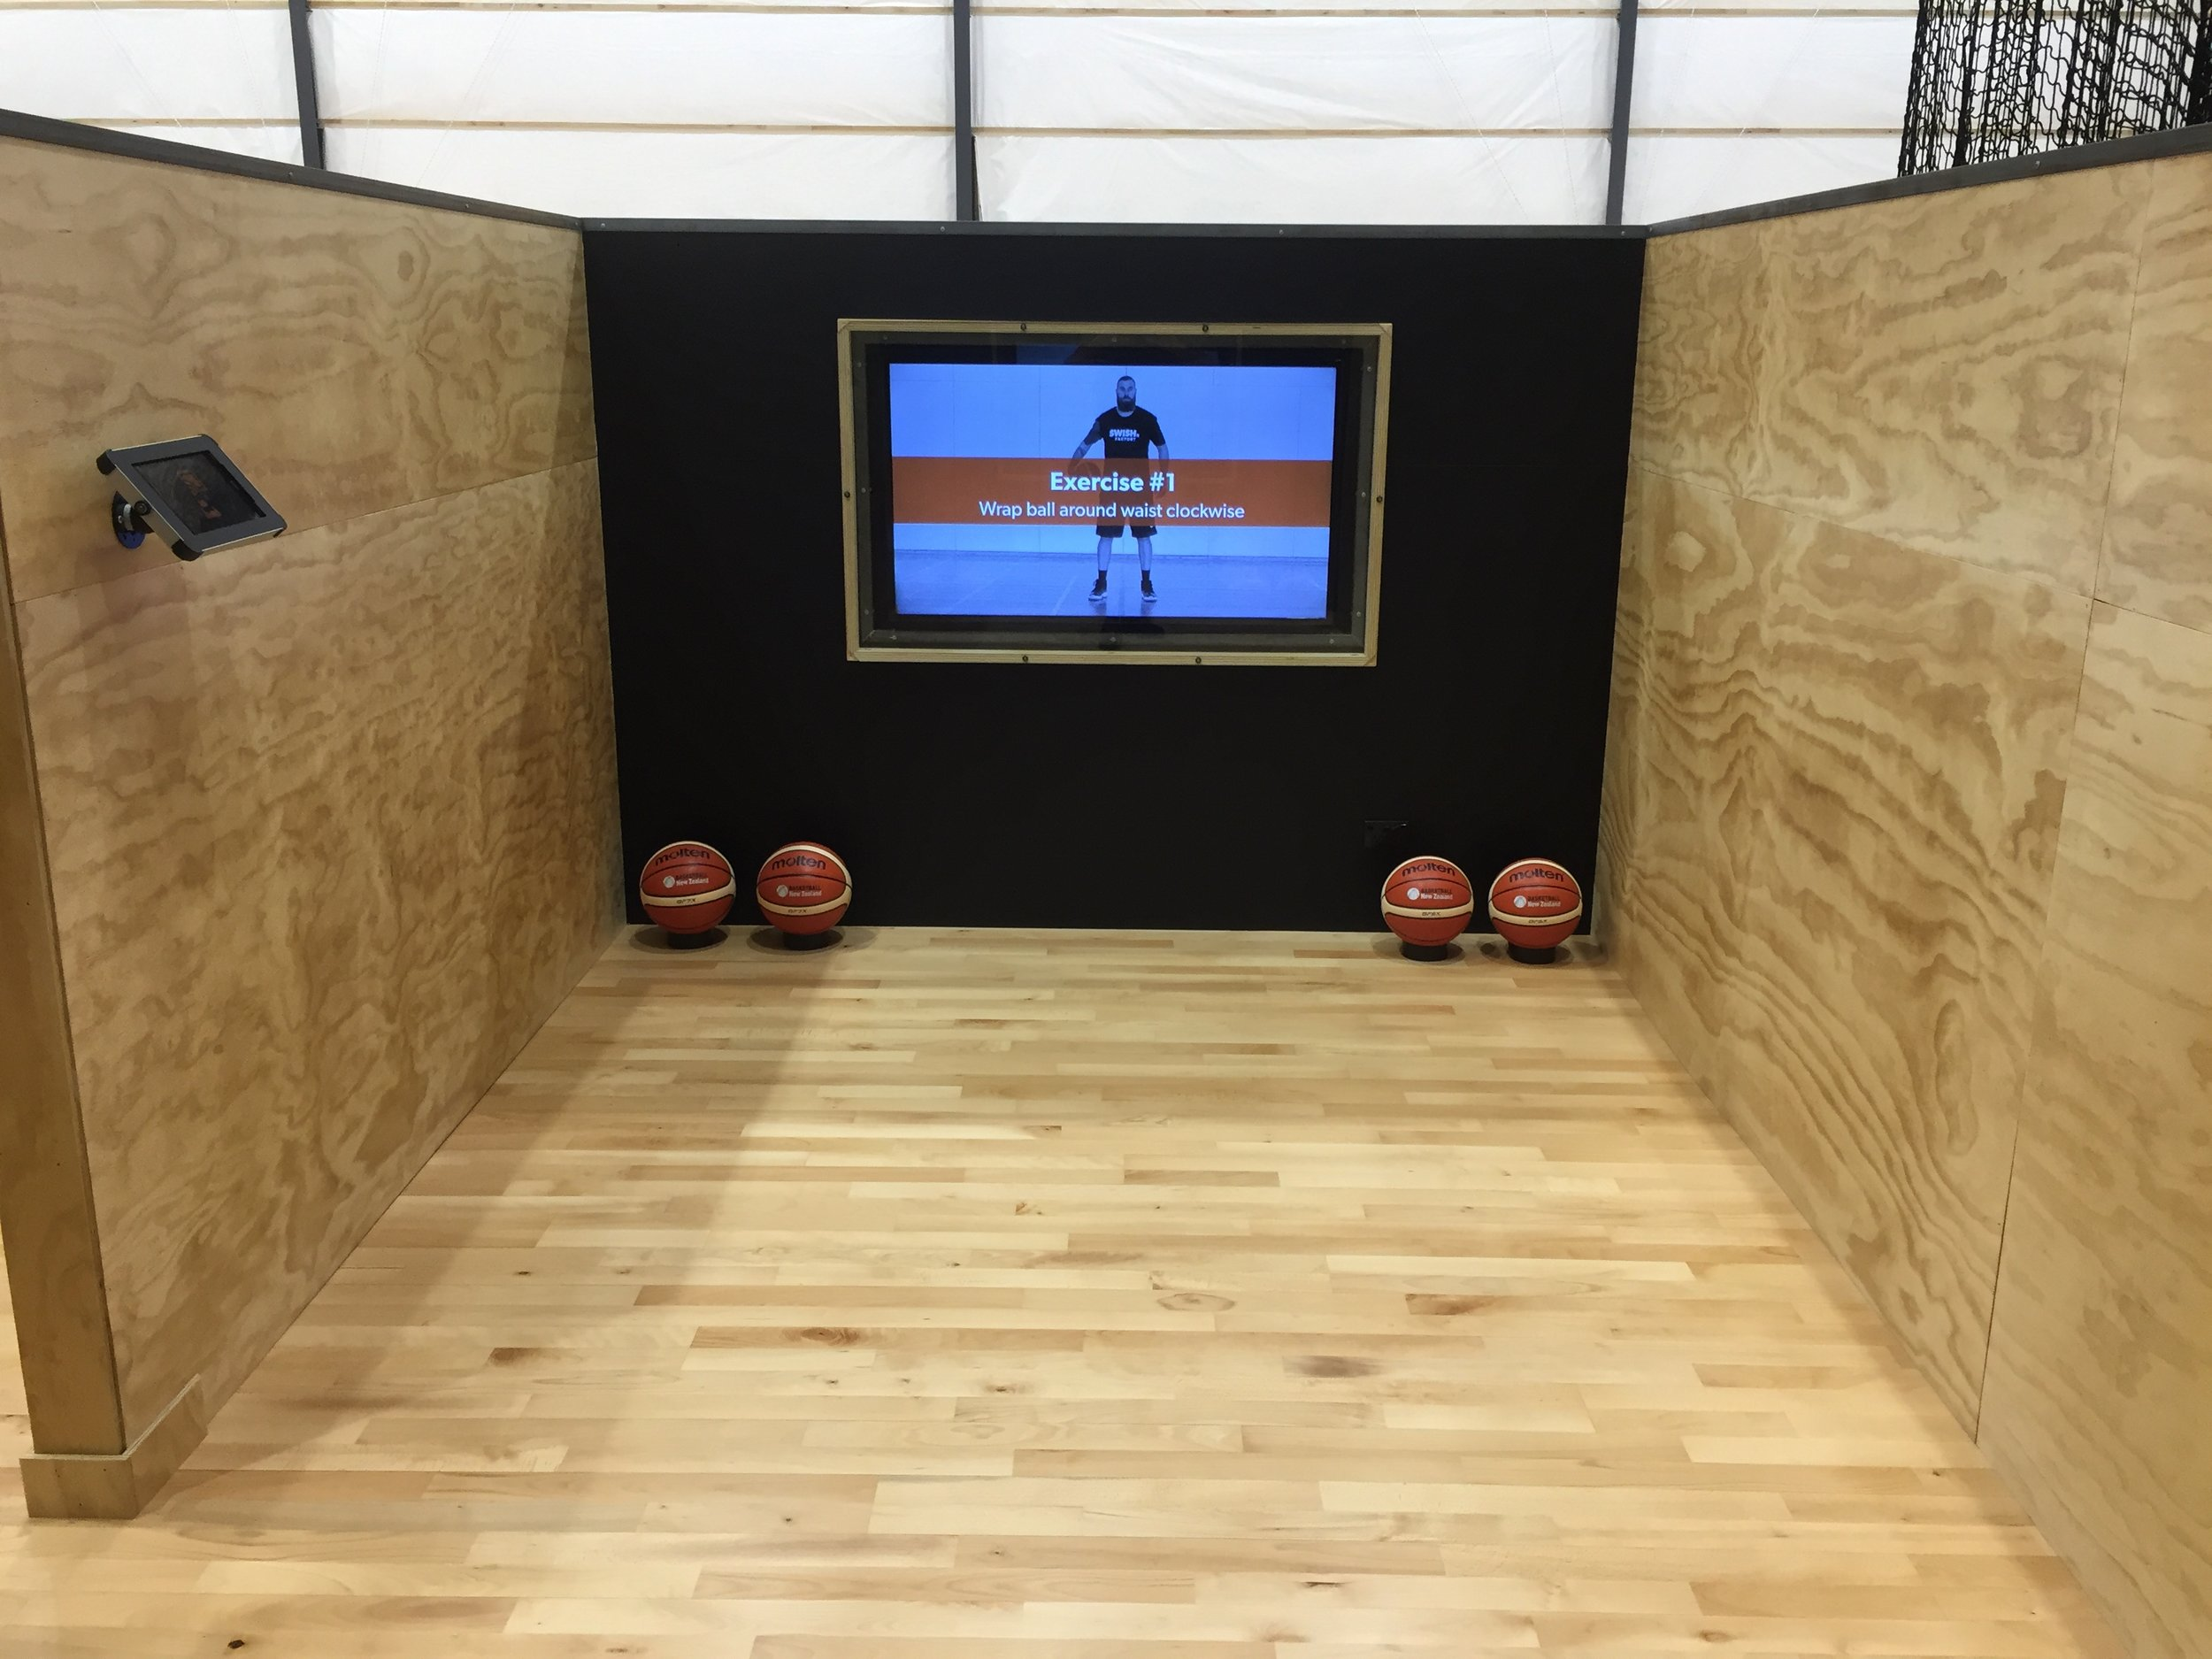 Ball Handling - work progressively through our ball handling program from beginner to elite level and start breaking ankles like allen iverson